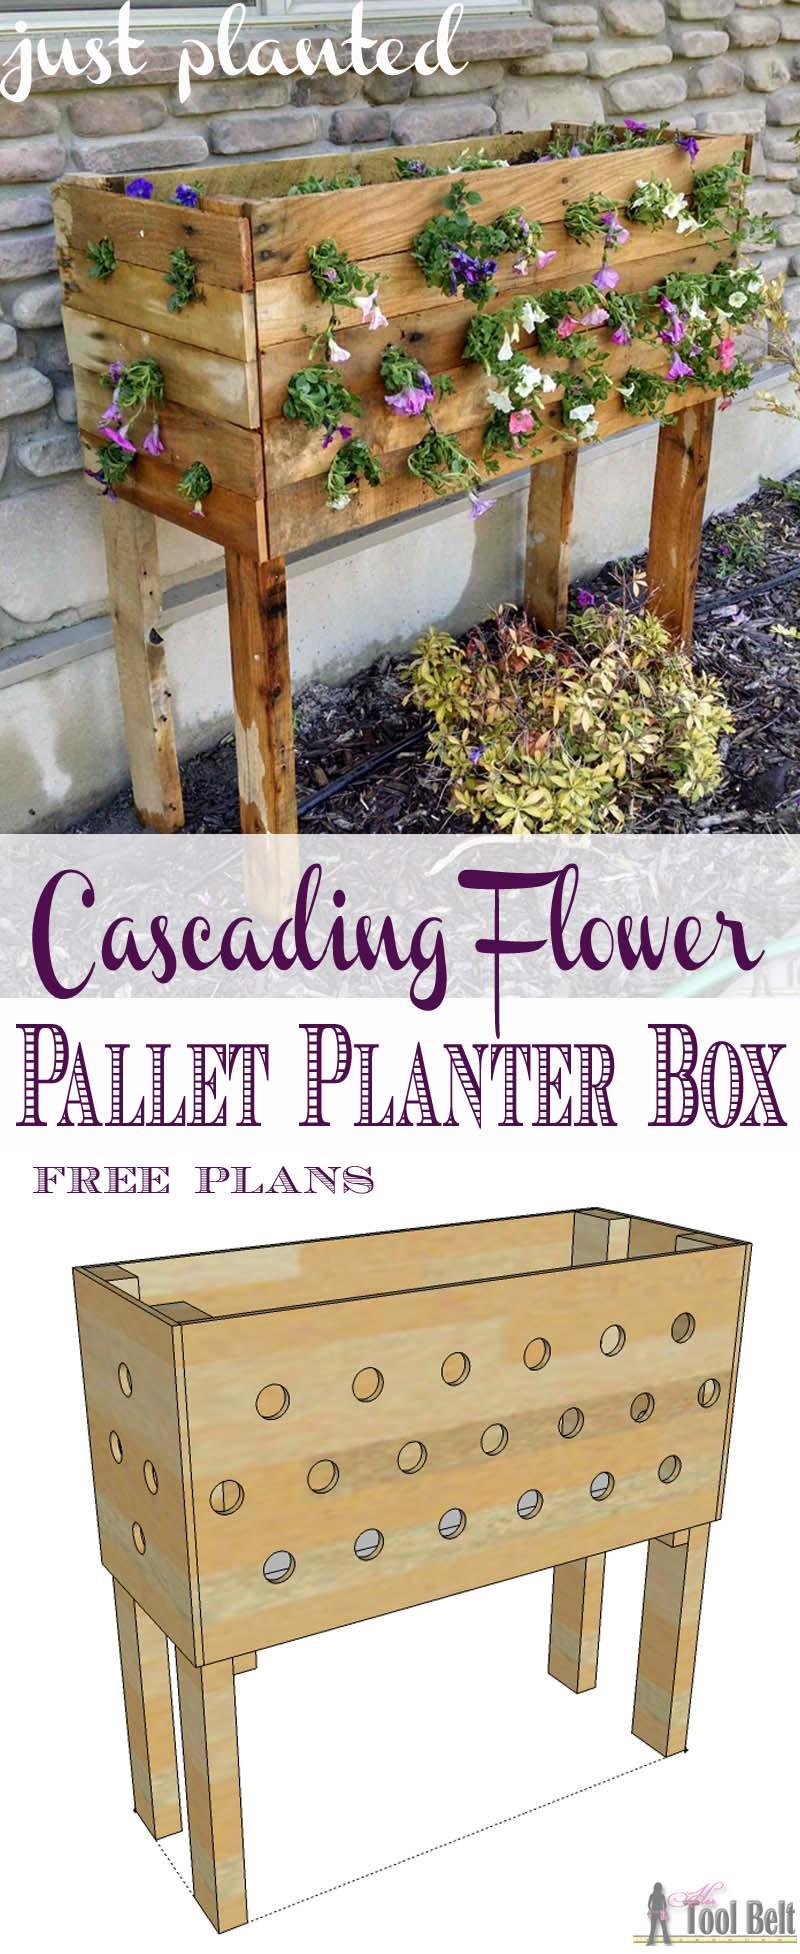 Pallet Planter Box For Cascading Flowers - Her Tool Belt